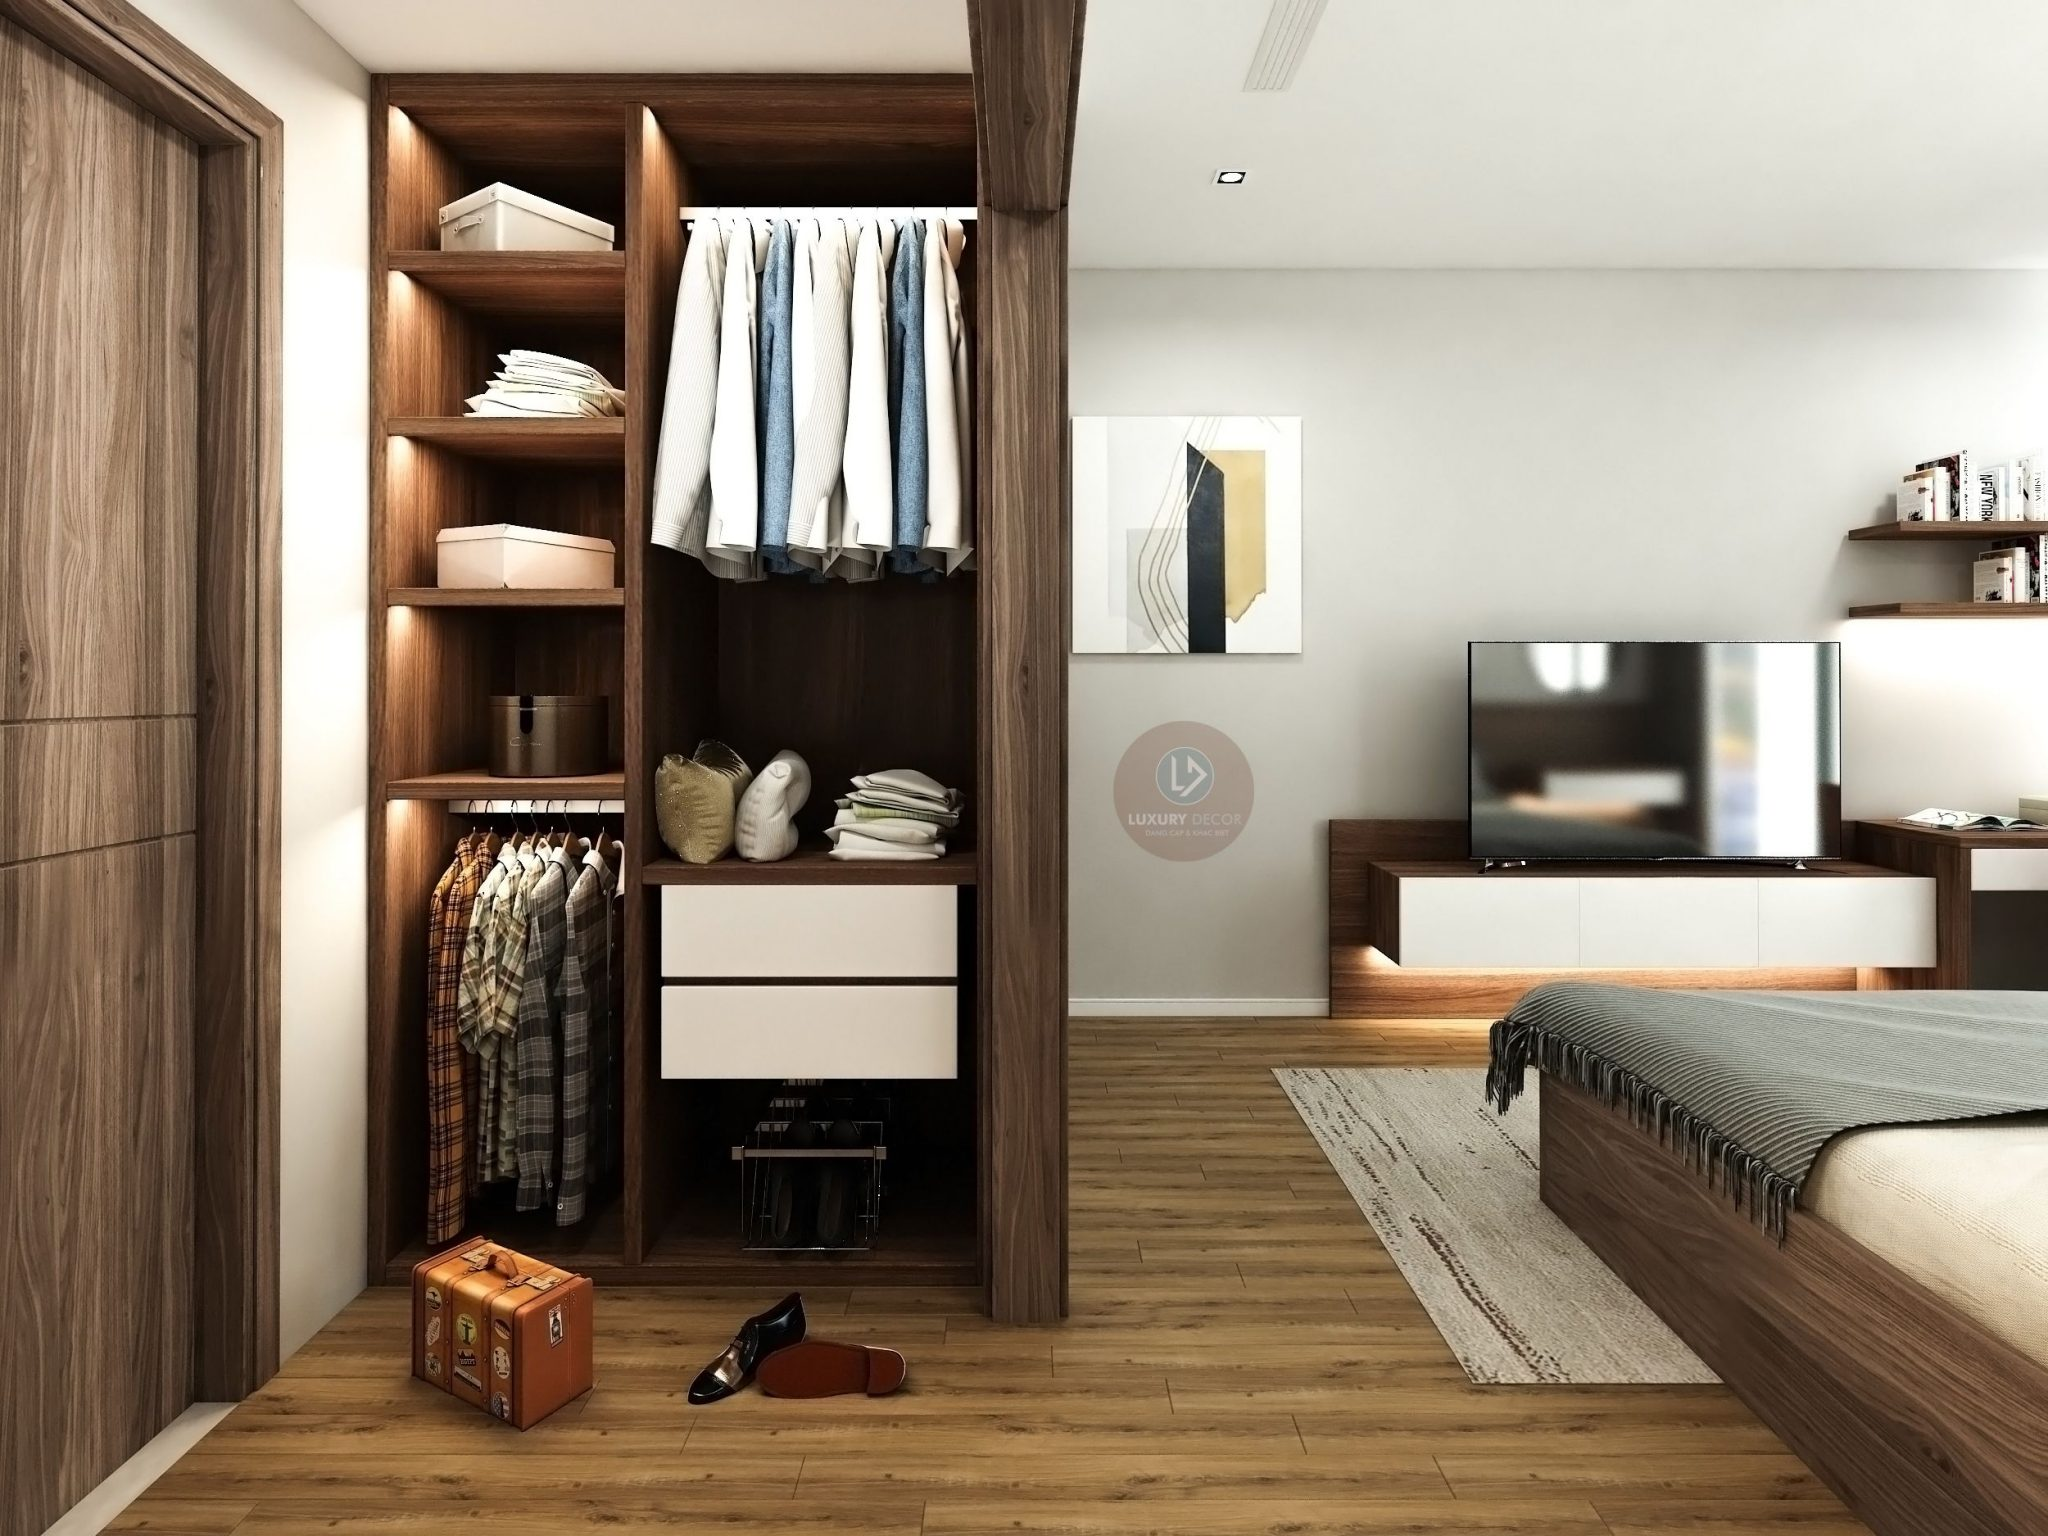 thiết kế nội that chung cư theo phong cách hiện đại, thiết kế nội thất chung cư phong cách hiện đại, thiết kế nội thất chung cư theo phong cách hiện đại, thiết kế căn hộ theo phong cách hiện đại, thiết kế nội thất chung cư cao cấp, thiết kế nội thất chung cư hiện đại, thiết kế chung cư theo phong cách hiện đại, mẫu nội thất chung cư hiện đại, phong cách thiết kế căn hộ, thiết kế căn hộ theo phong cách hiện đại, noi that chung cu hien dai, căn hộ hiện đại, căn hộ đẹp hiện đại, những mẫu nội thất căn hộ chung cư hiện đại, thiết kế căn hộ hiện đại, thiết kế chung cư hiện đại, nội thất chung cư hiện đại, thiết kế nội thất chung cư đẹp hiện đại, hình ảnh thiết kế nội thất chung cư phong cách hiện đại, thiết kế chung cư phong cách hiện đại, chung cư hiện đại, nội thất phòng khách chung cư hiện đại, nội thất chung cư đẹp hiện đại, thiết kế nội thất phòng ngủ hiện đại, thiết kế nội thất căn hộ hiện đại